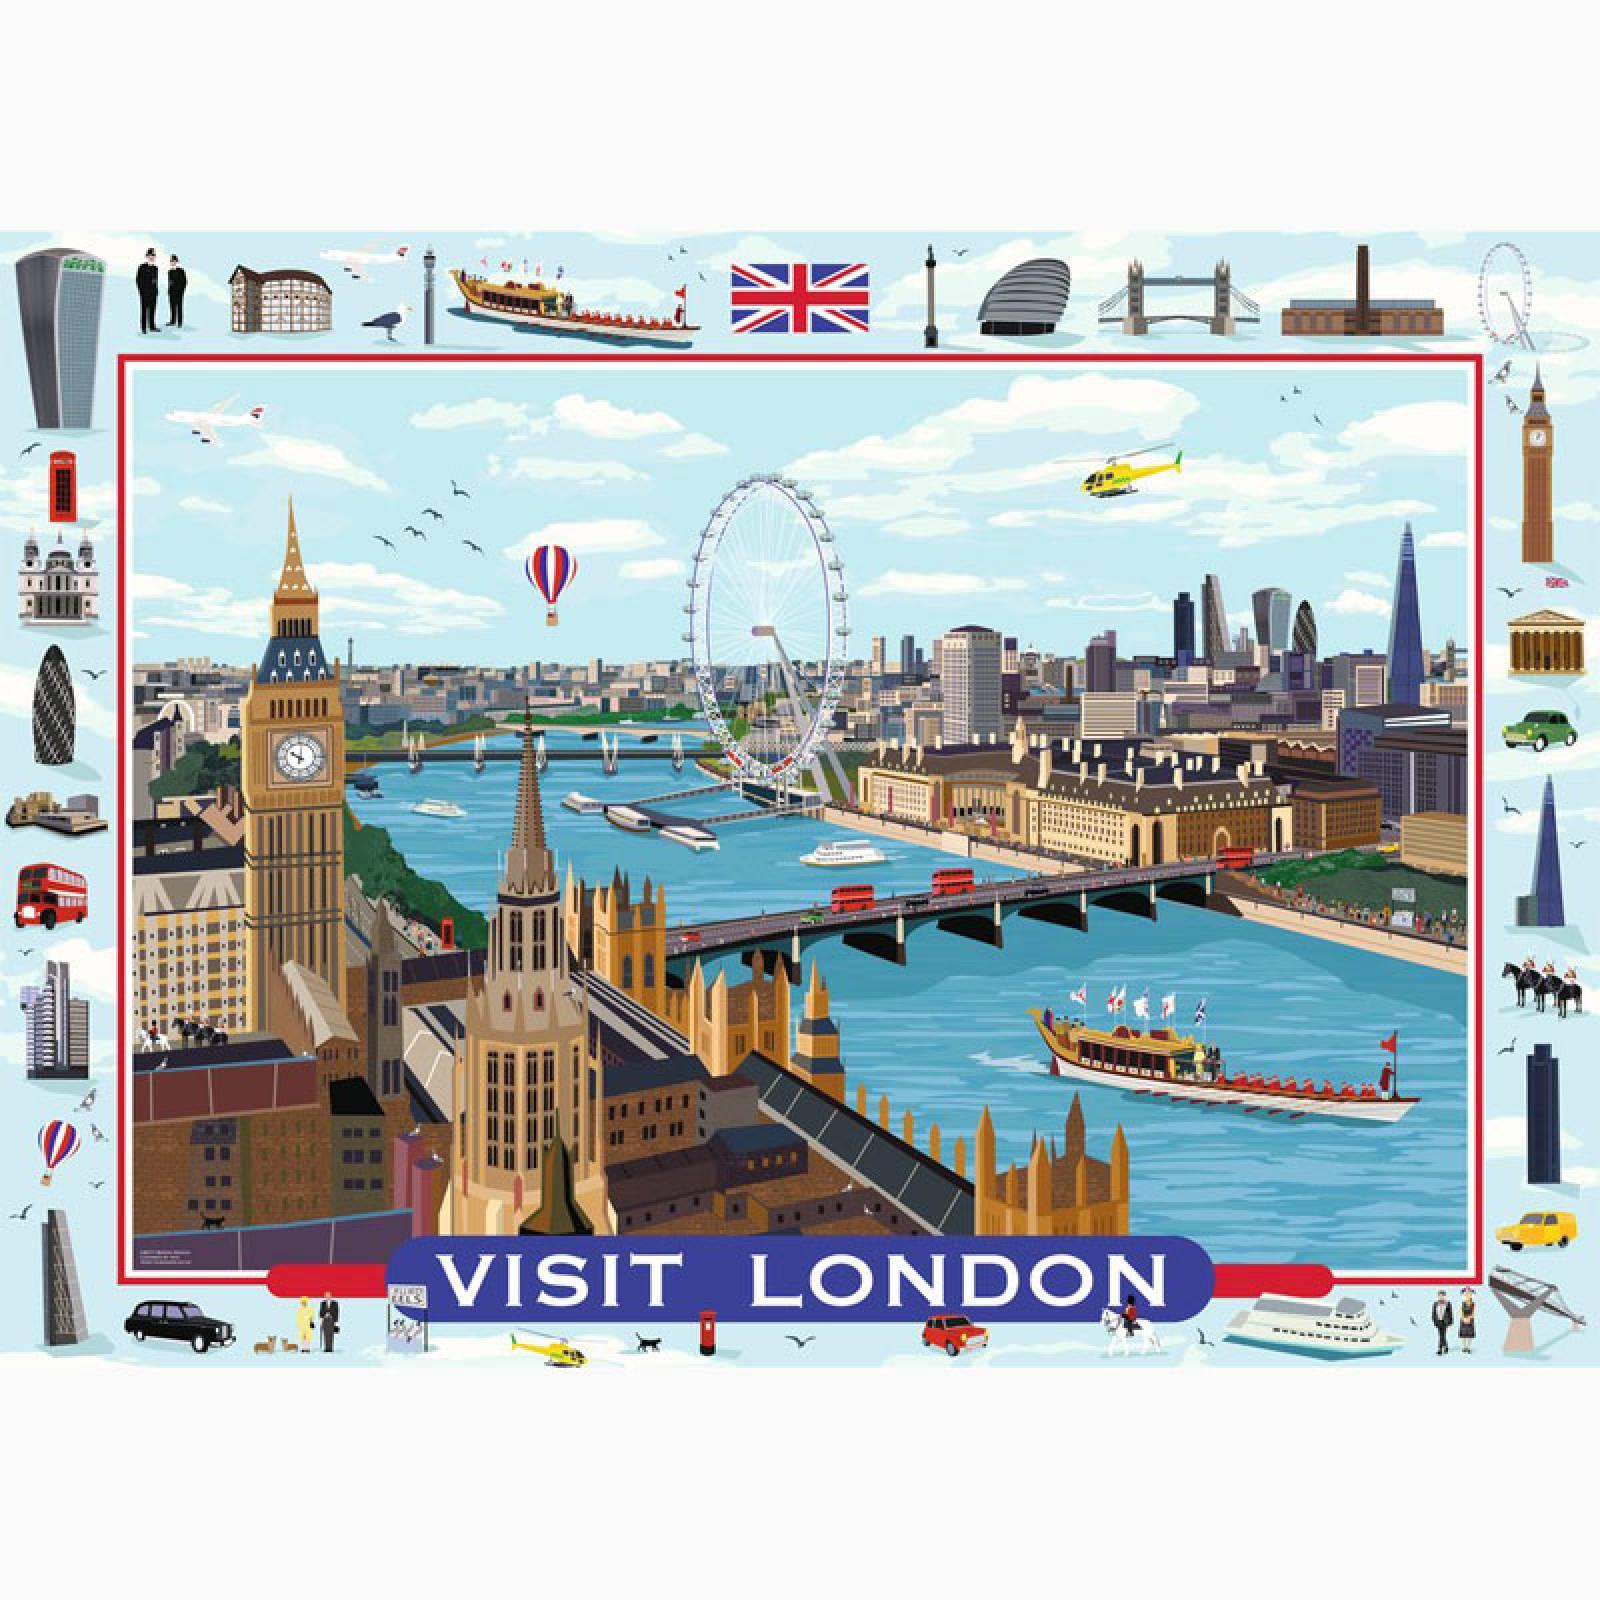 Visit London! 1000 Piece Jigsaw Puzzle